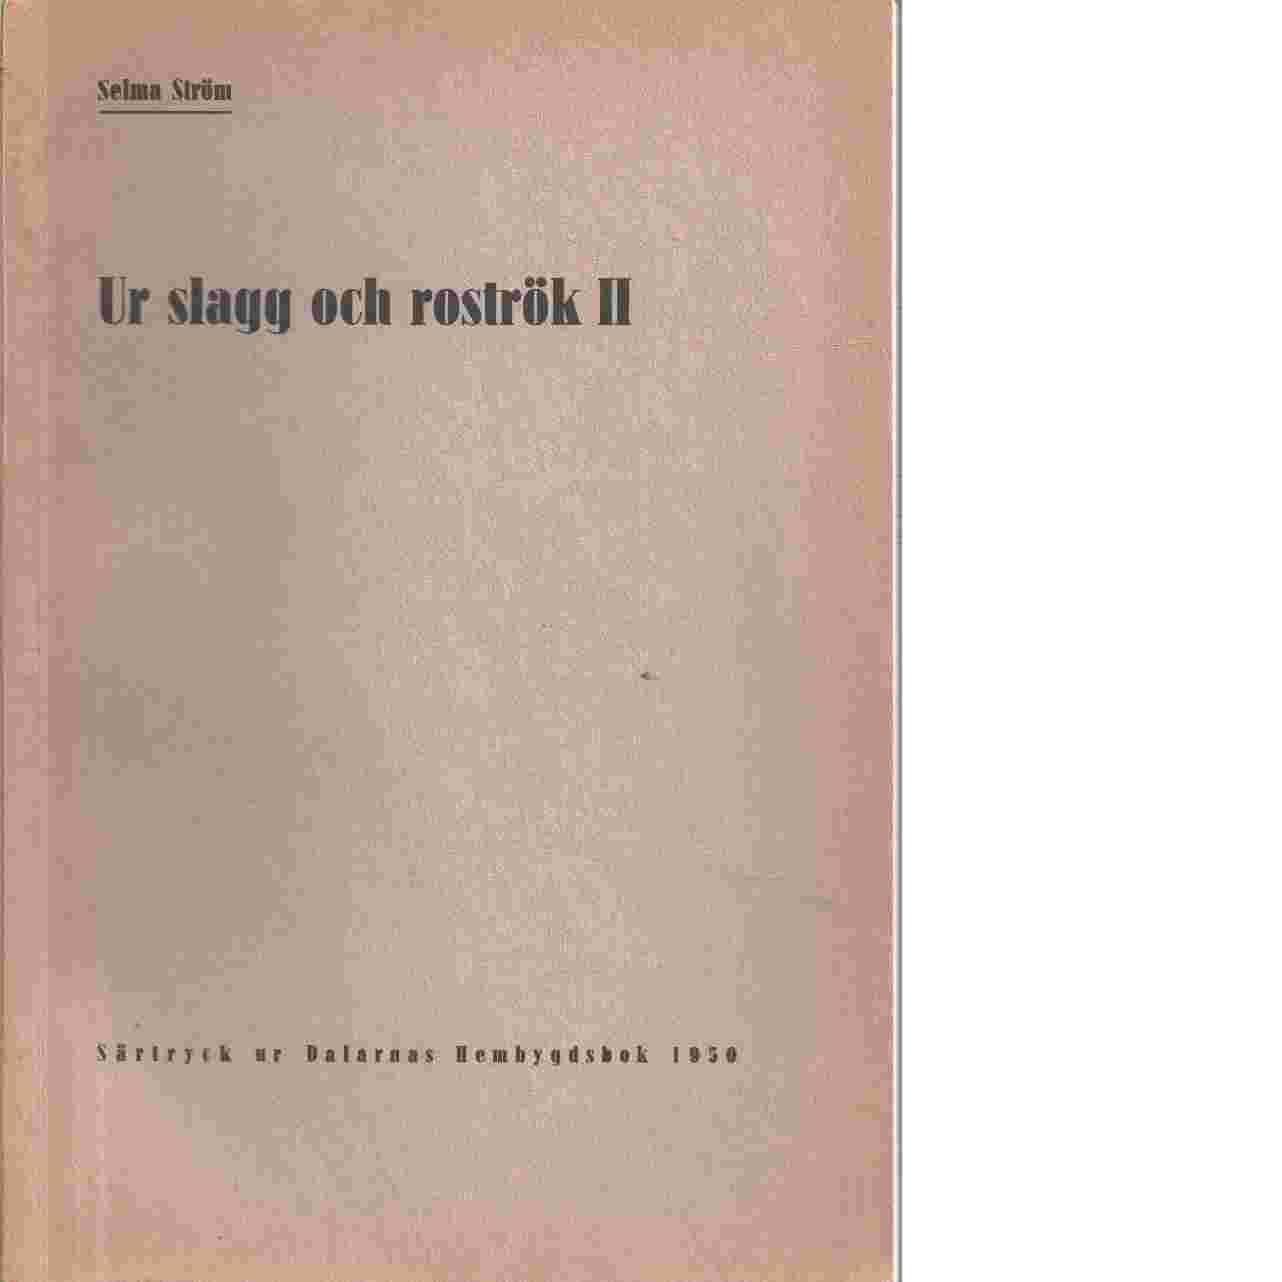 Ur slagg och roströk II - Ström, Selma